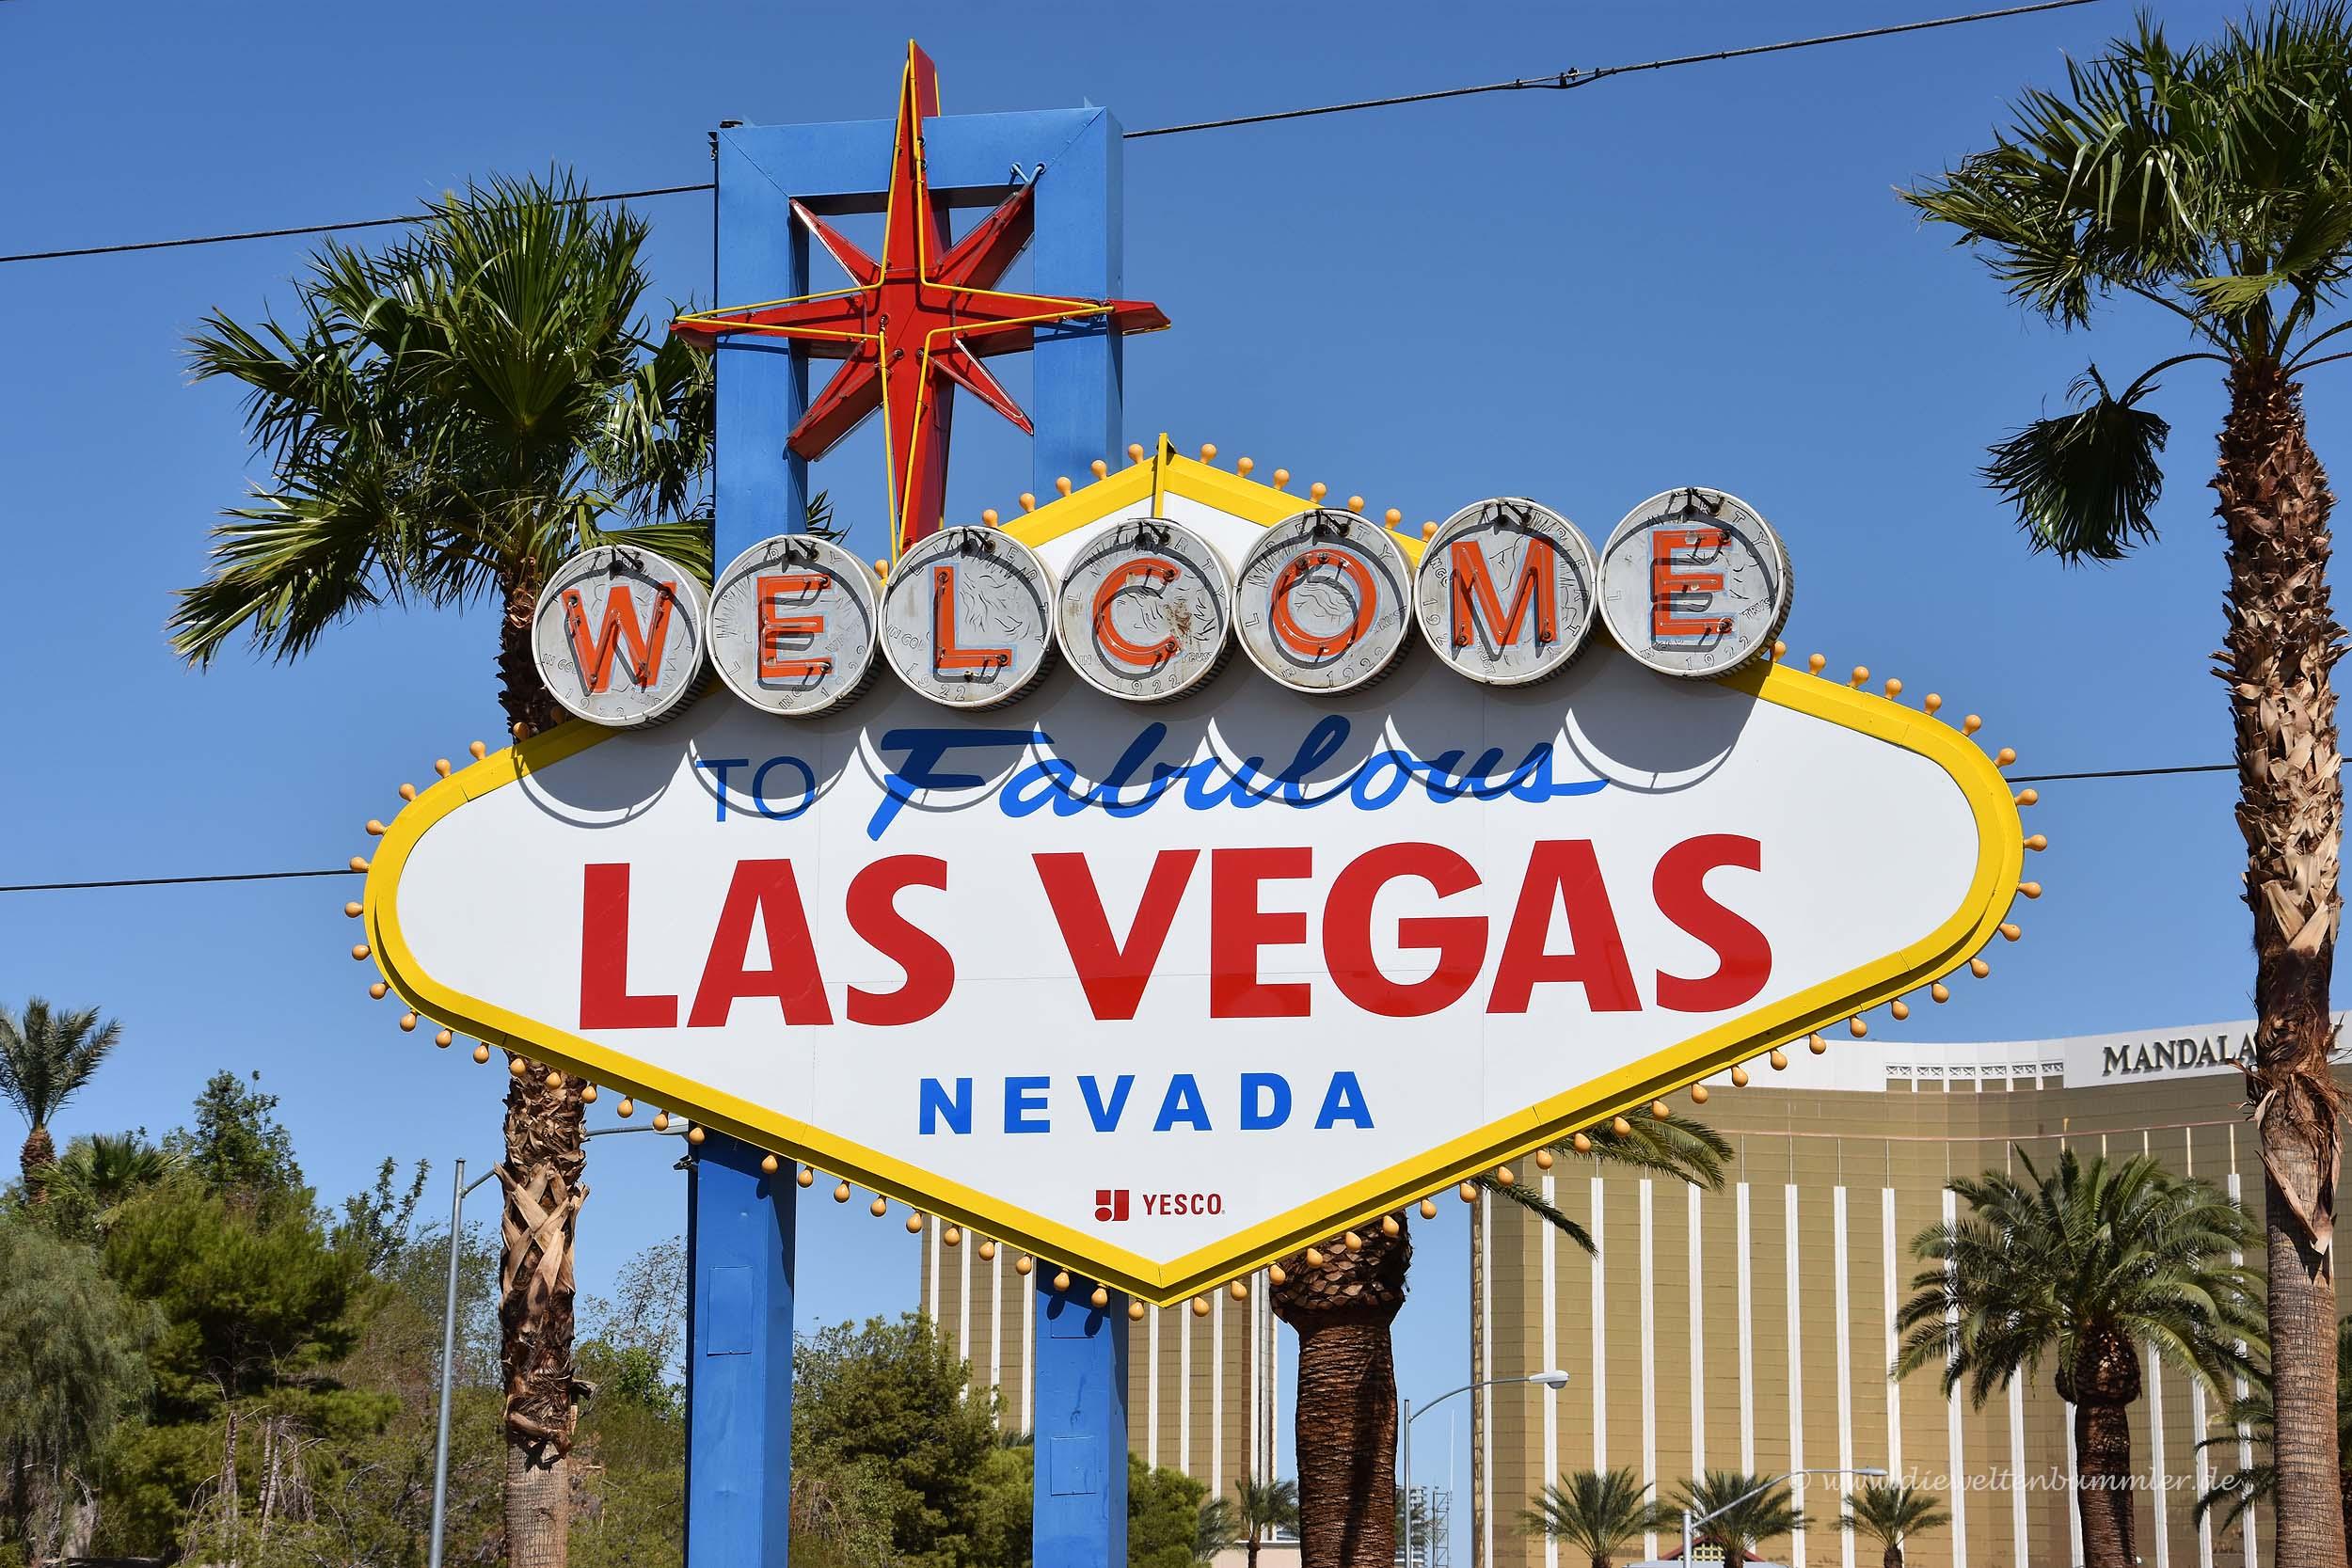 Mietwagen Las Vegas Erfahrungen